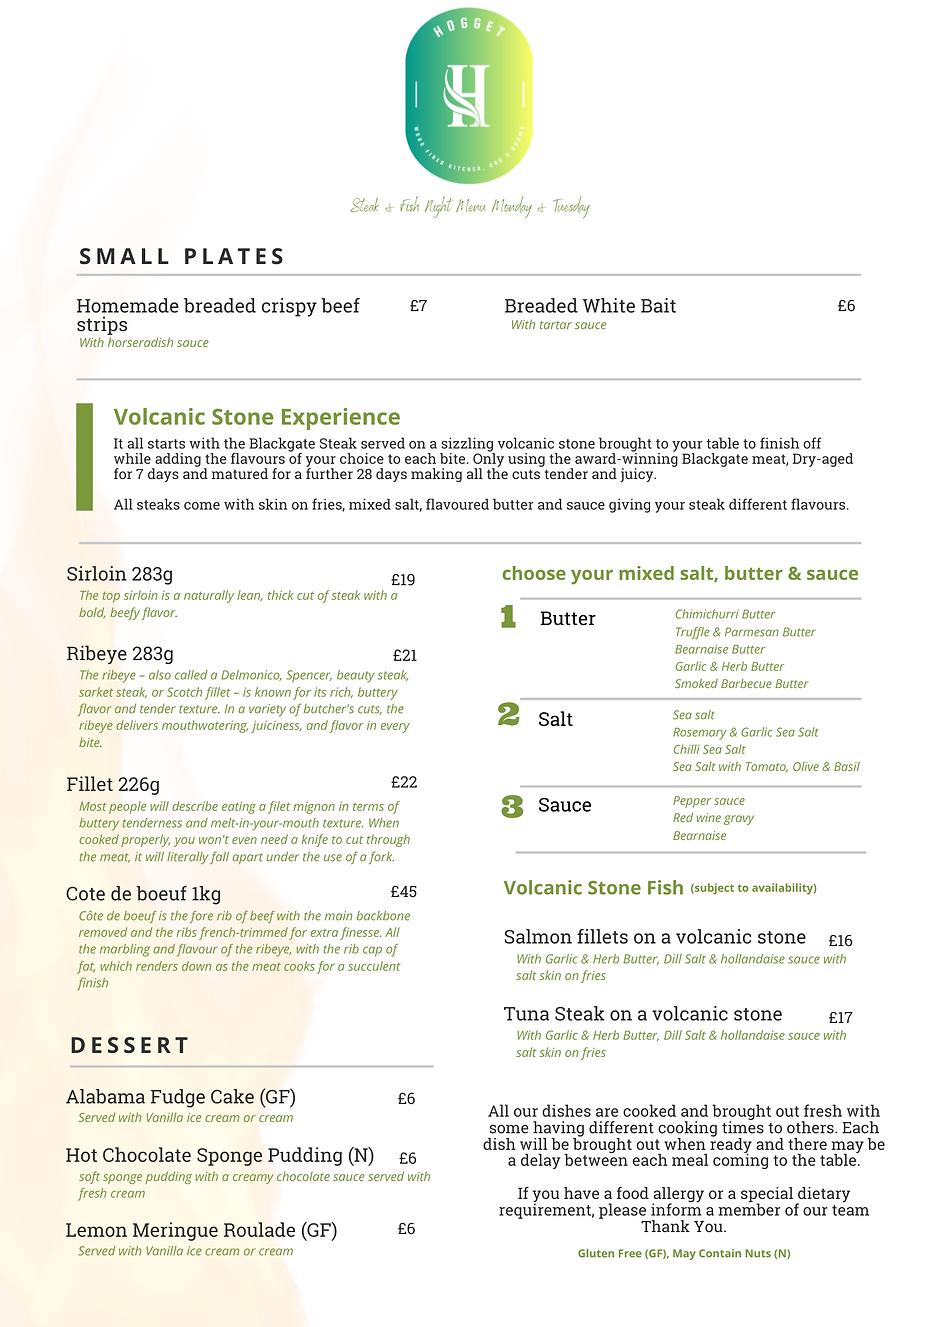 Steak and fish night menu 23-08-21.png